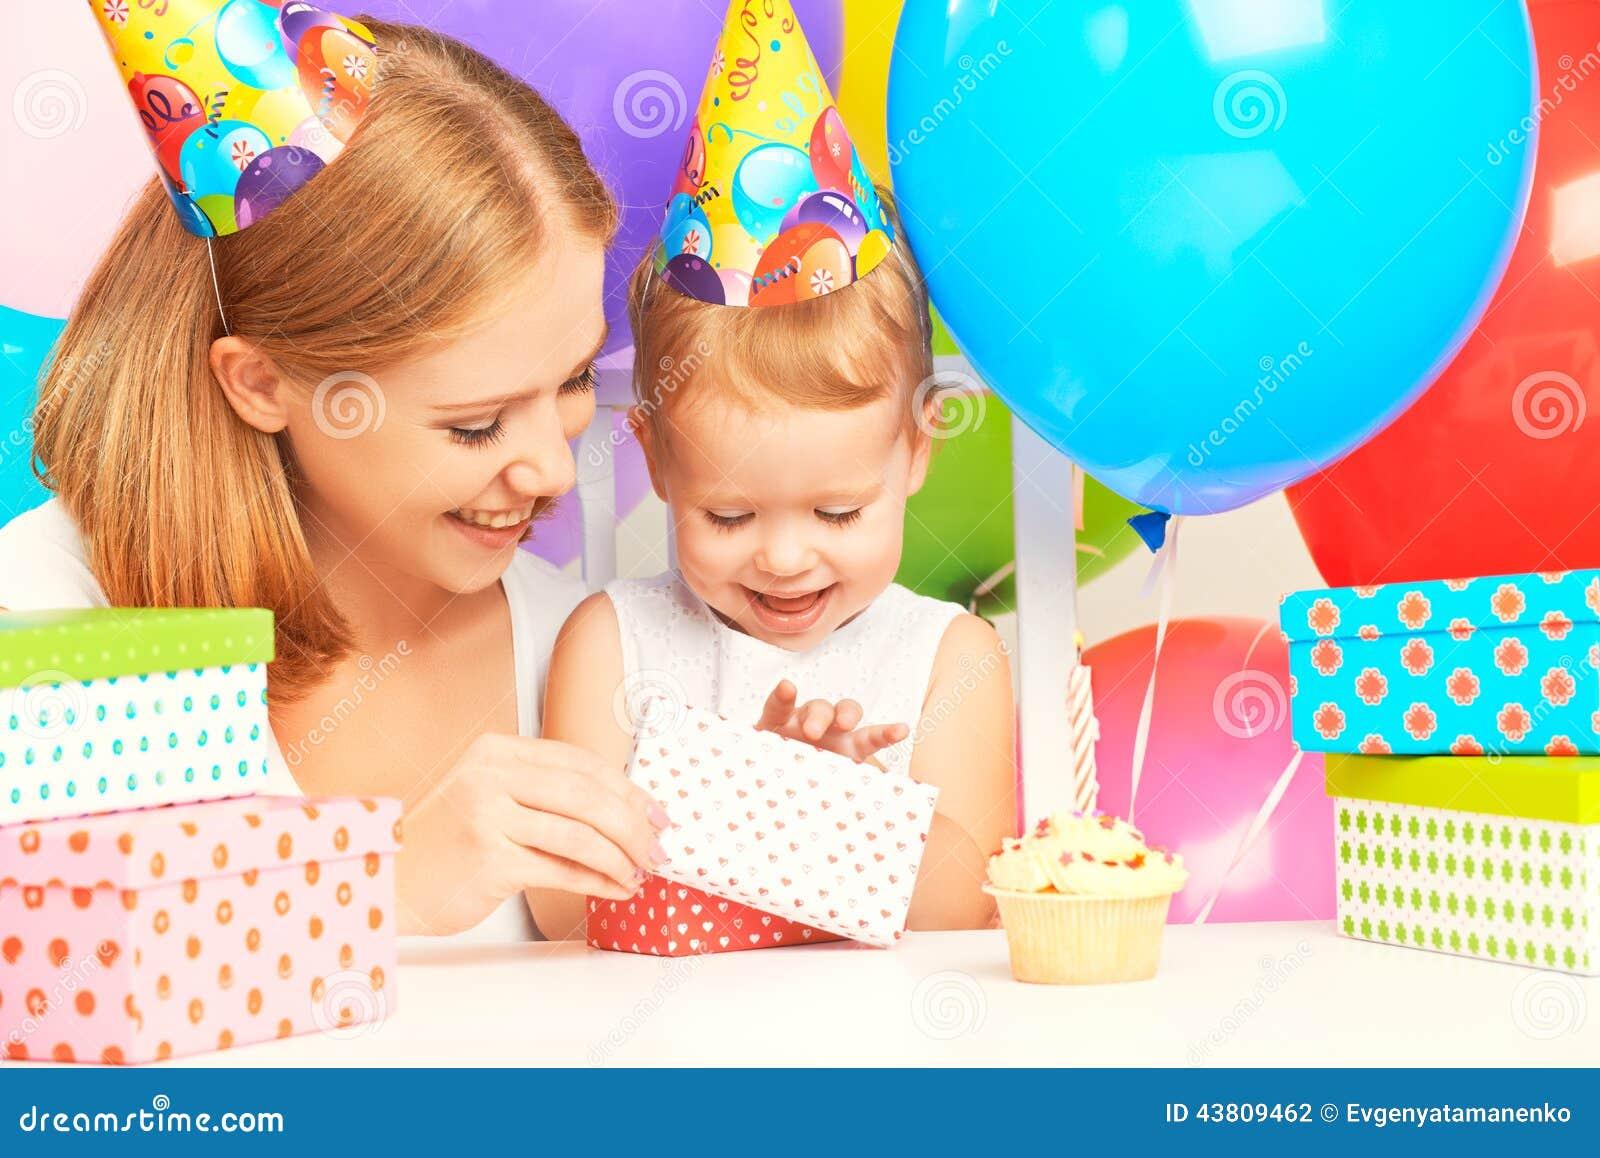 Gelukkige Verjaardag Moeder Die Gift Geven Aan Zijn Kleine Dochter